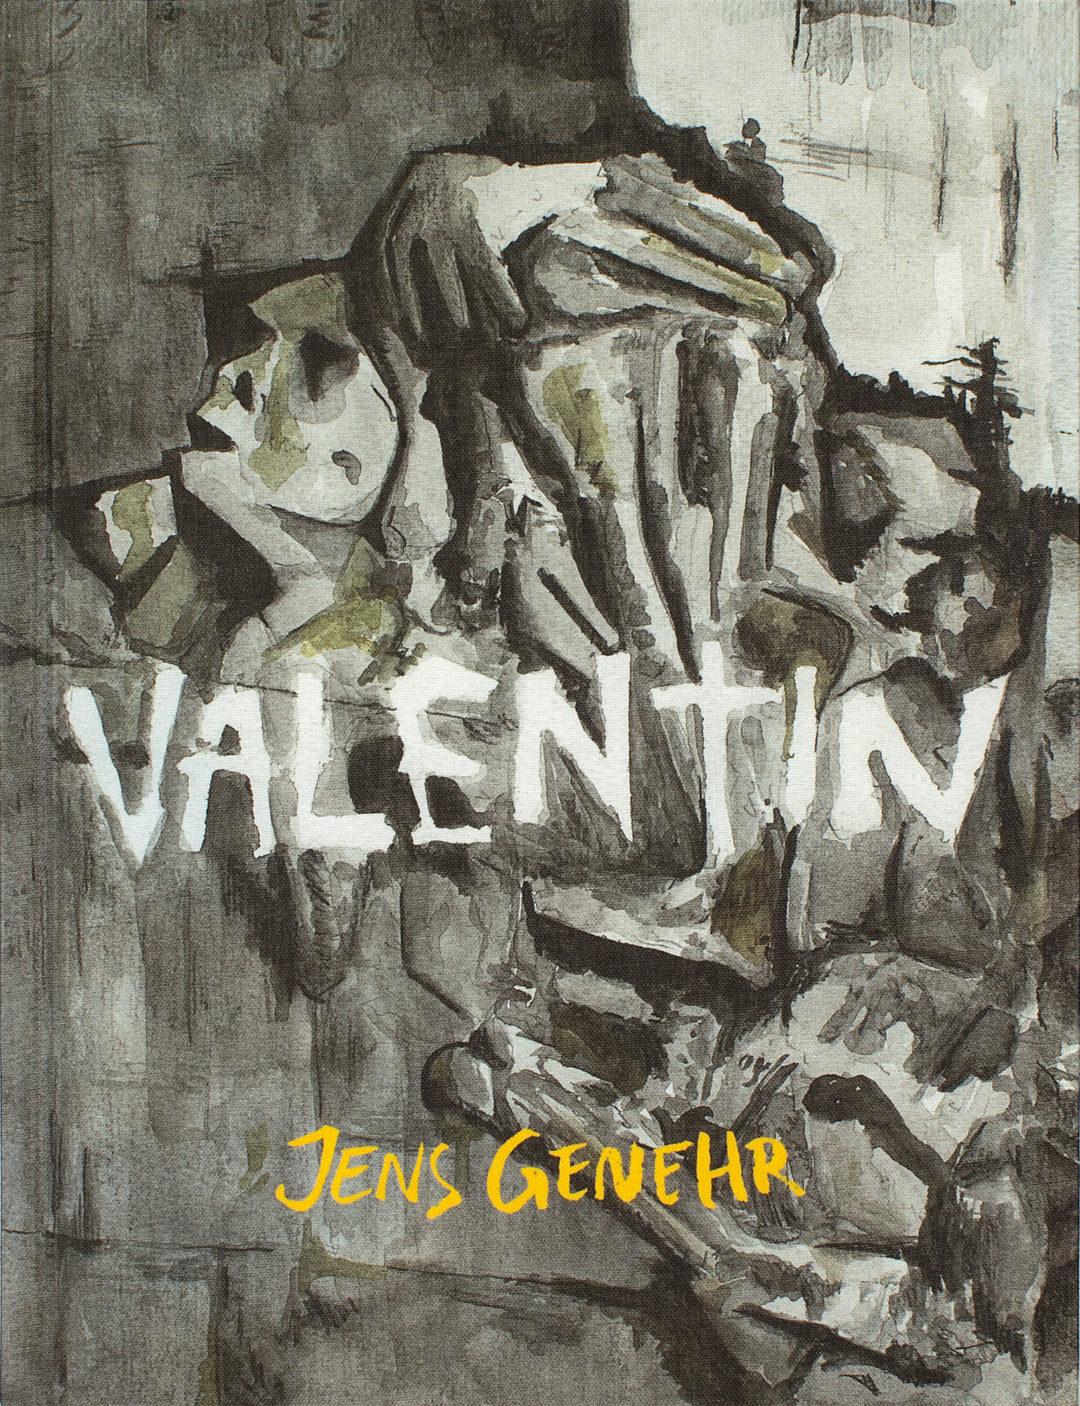 Valentin von Jens Genehr